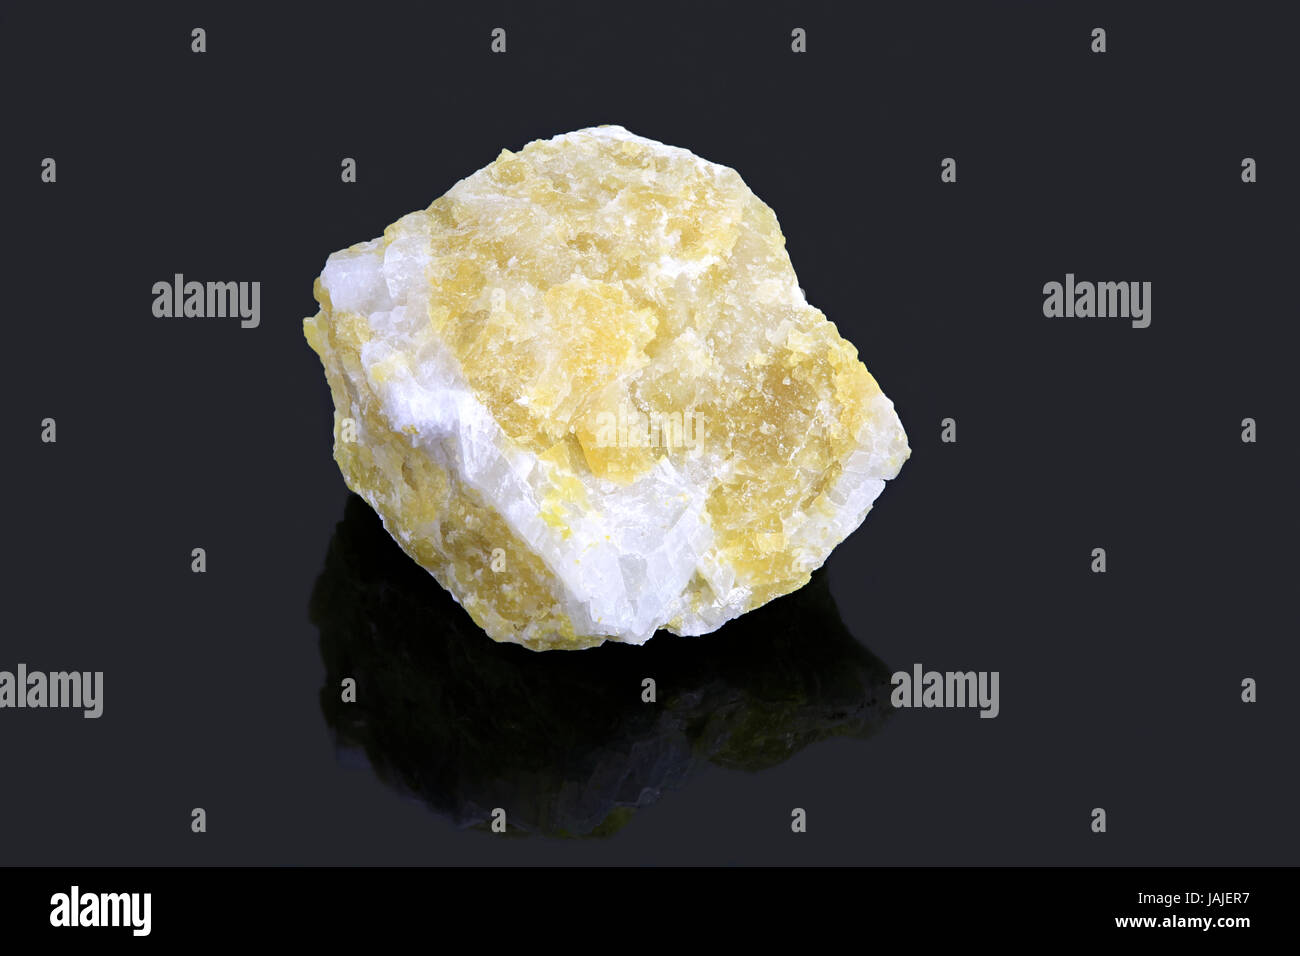 Cancrinite mineral sample, Canada - Stock Image